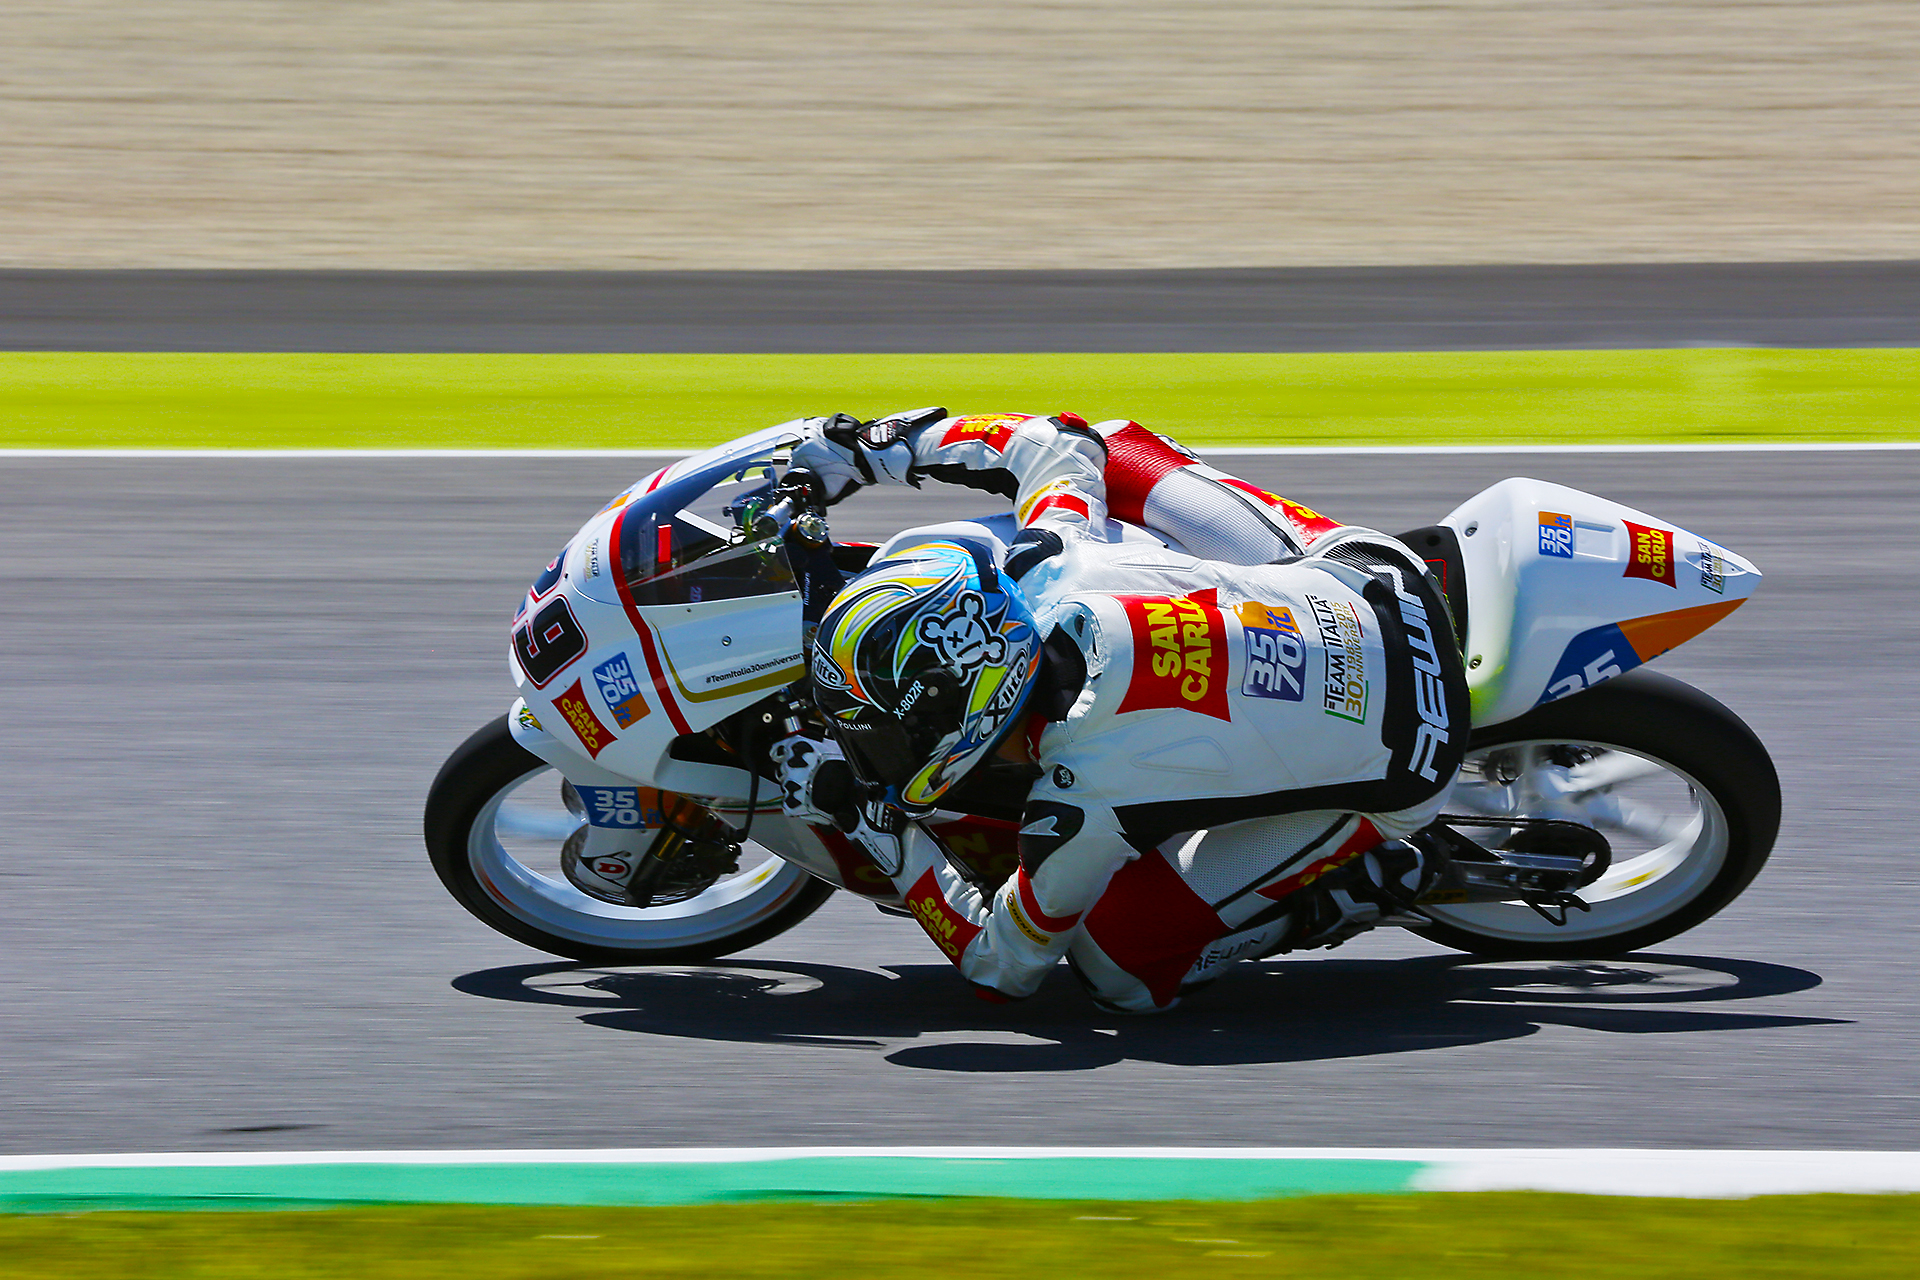 Stefano Manzi World Championship Moto3